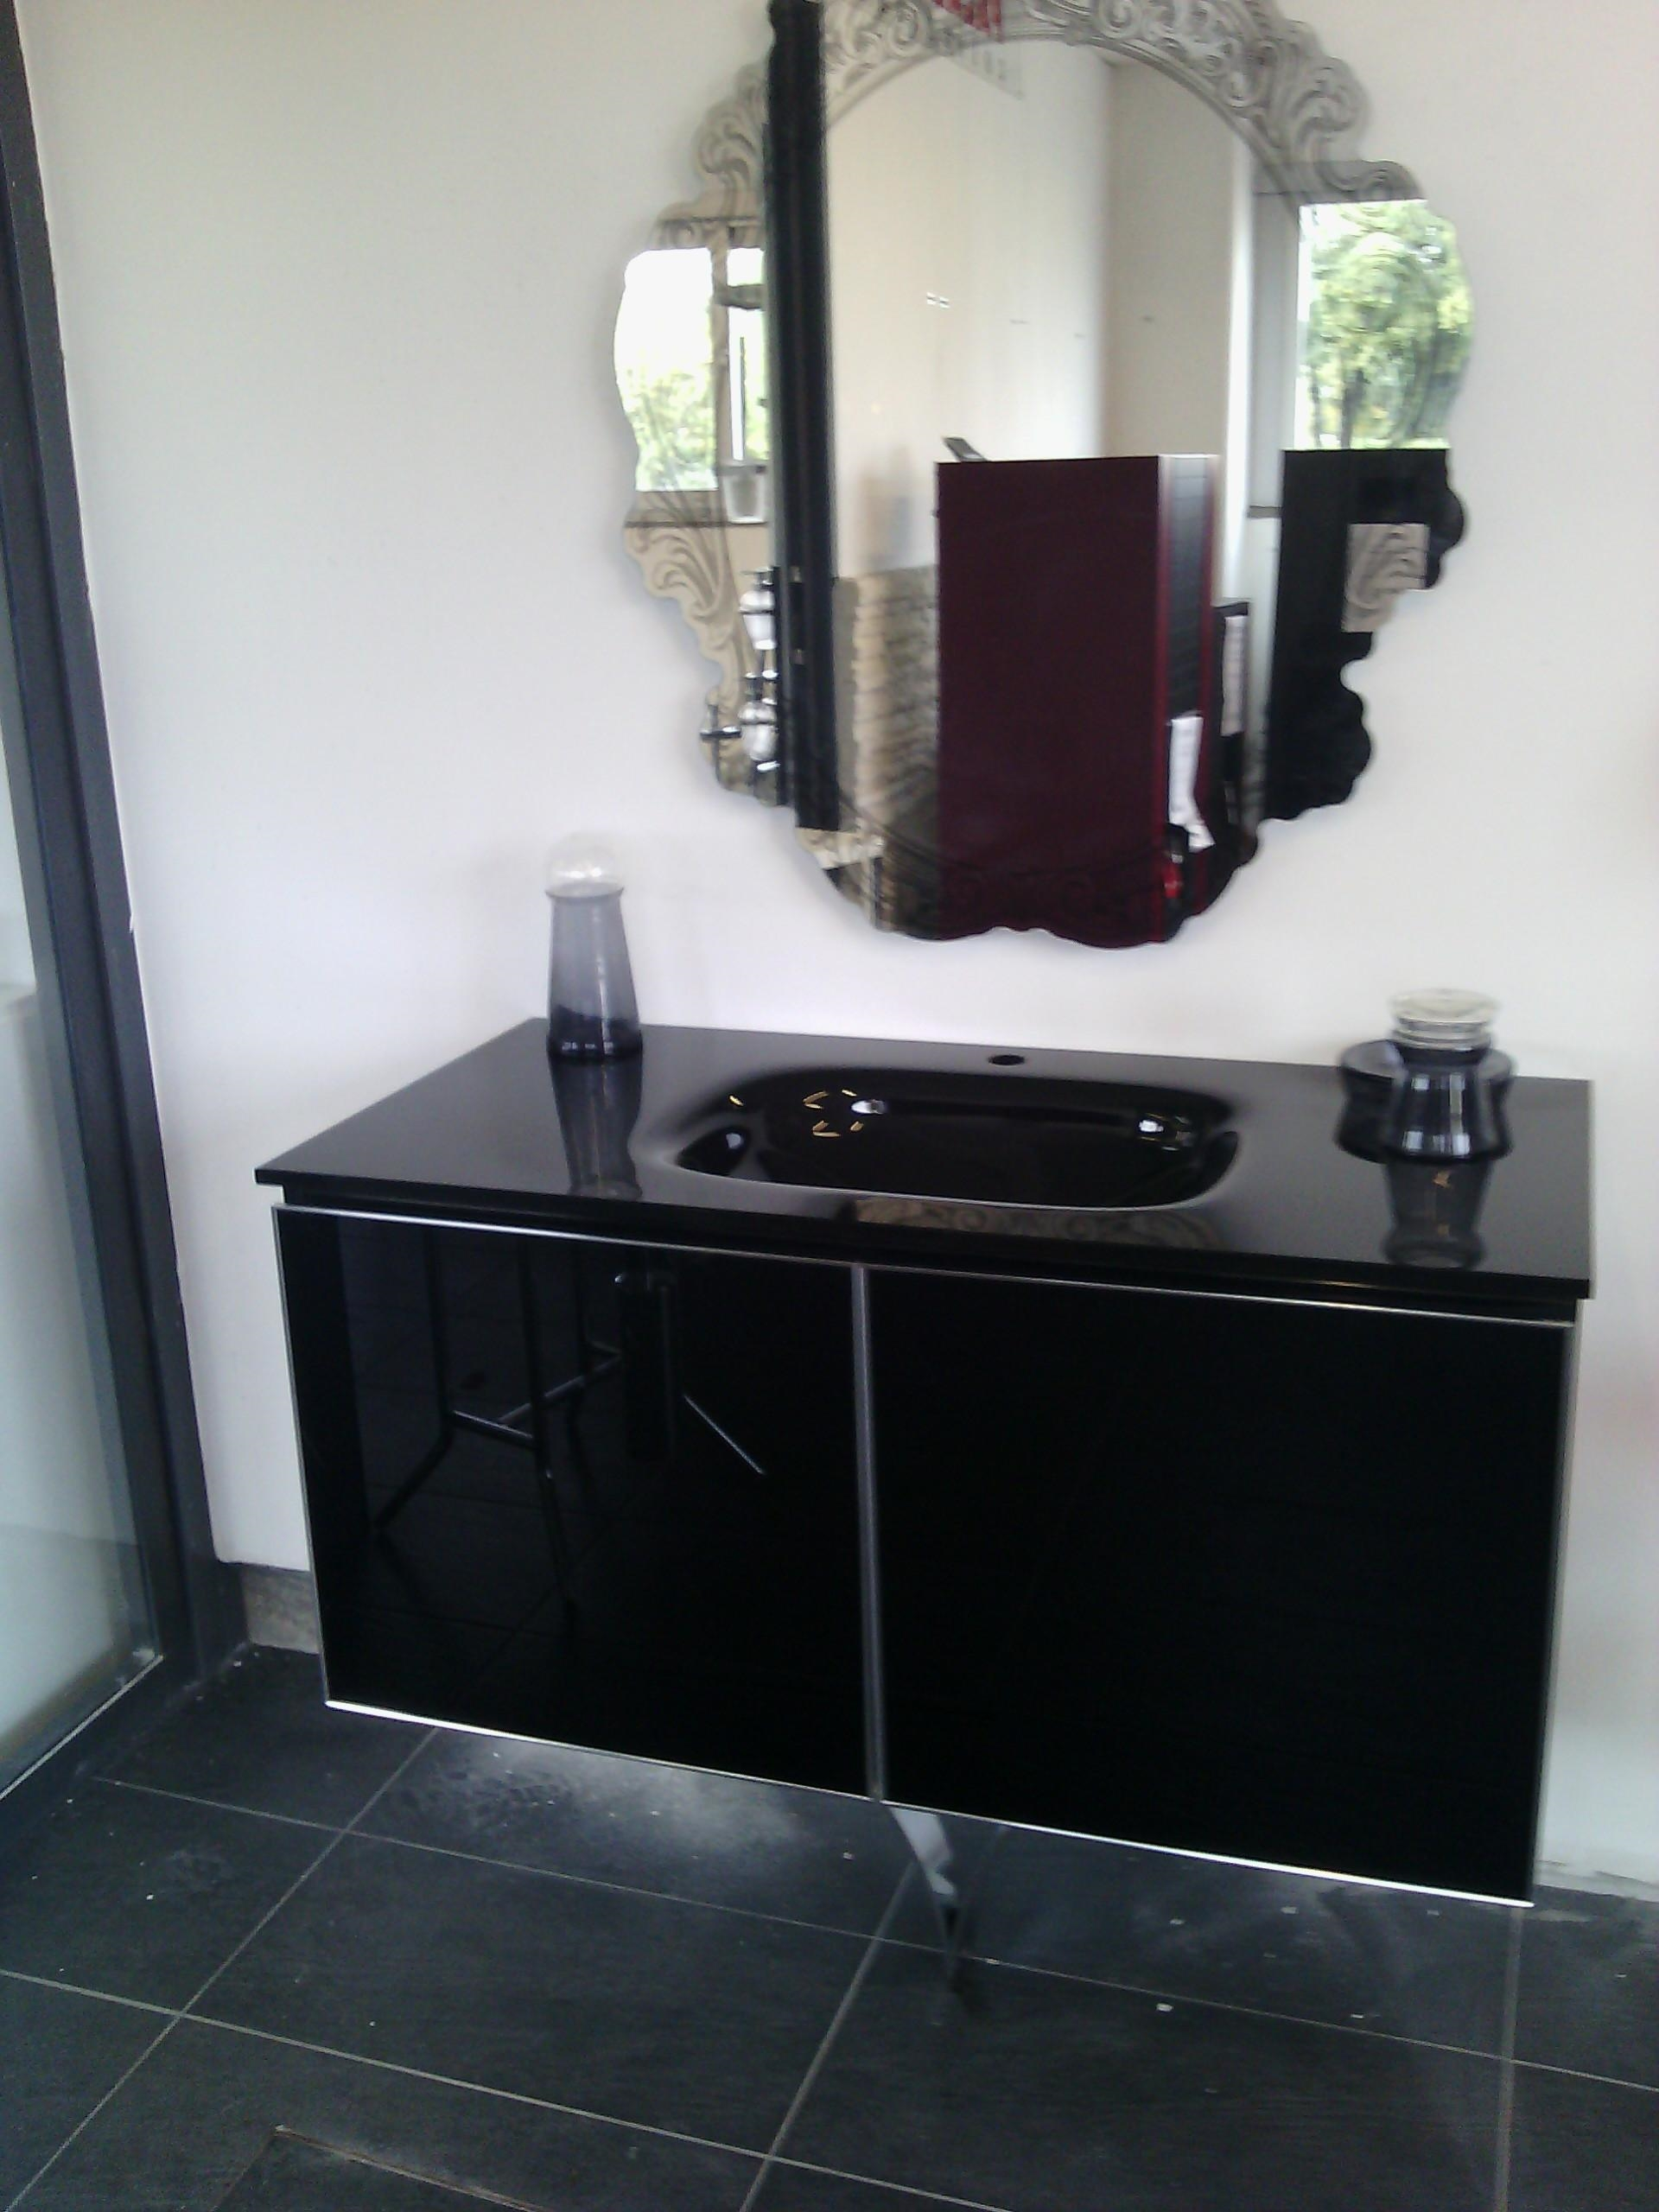 Offerta mobile da bagno onix nero lucido con top in vetro - Mobile bagno nero lucido ...